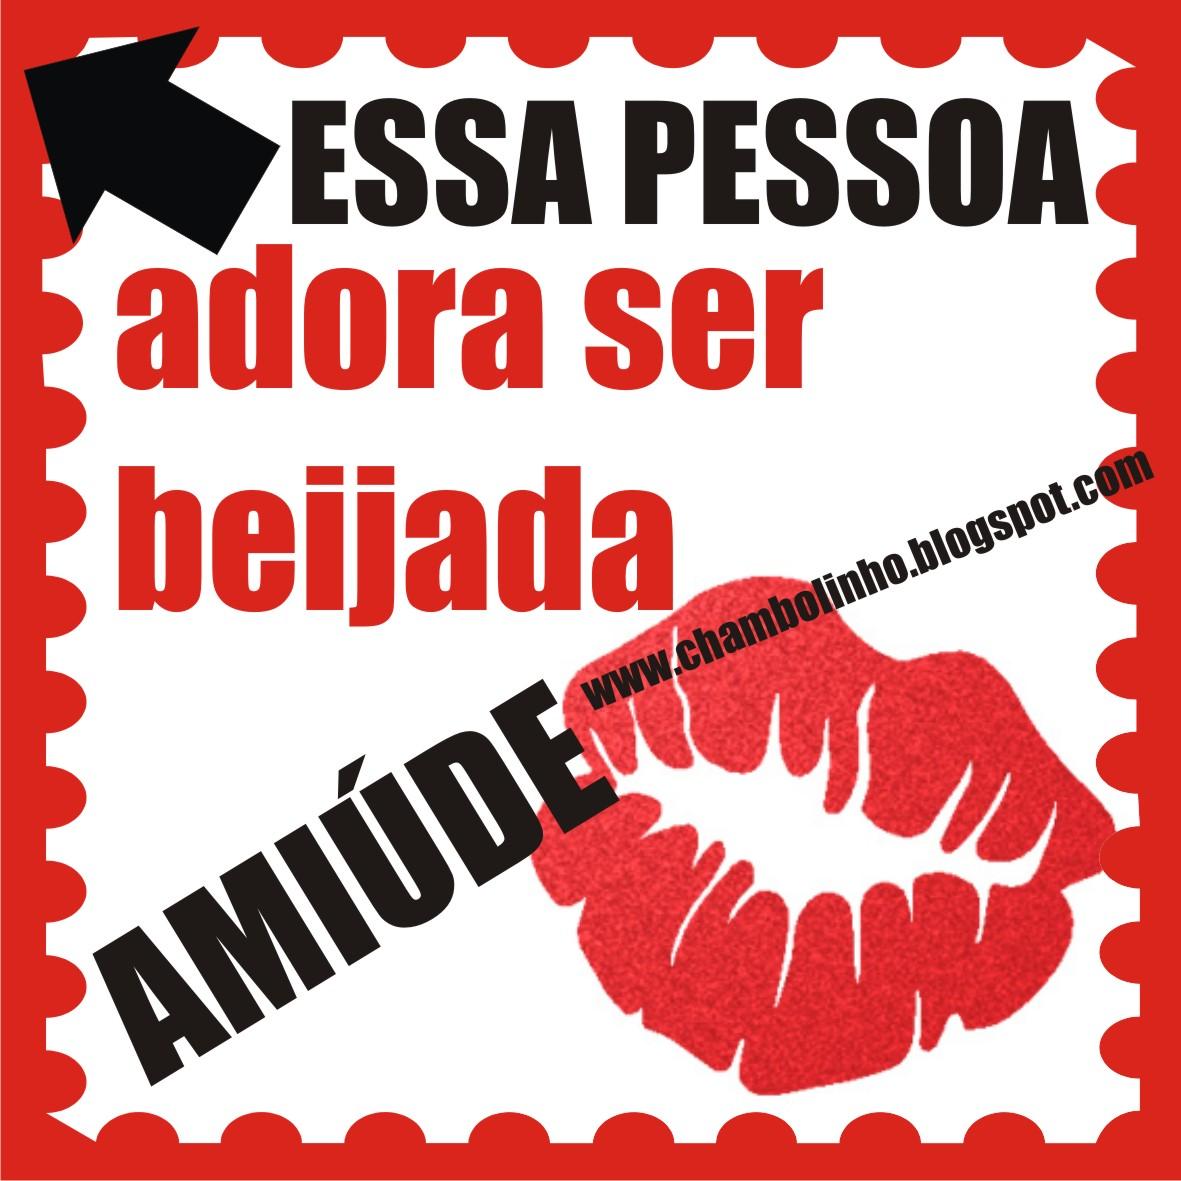 Mensagens de Beijos para Facebook